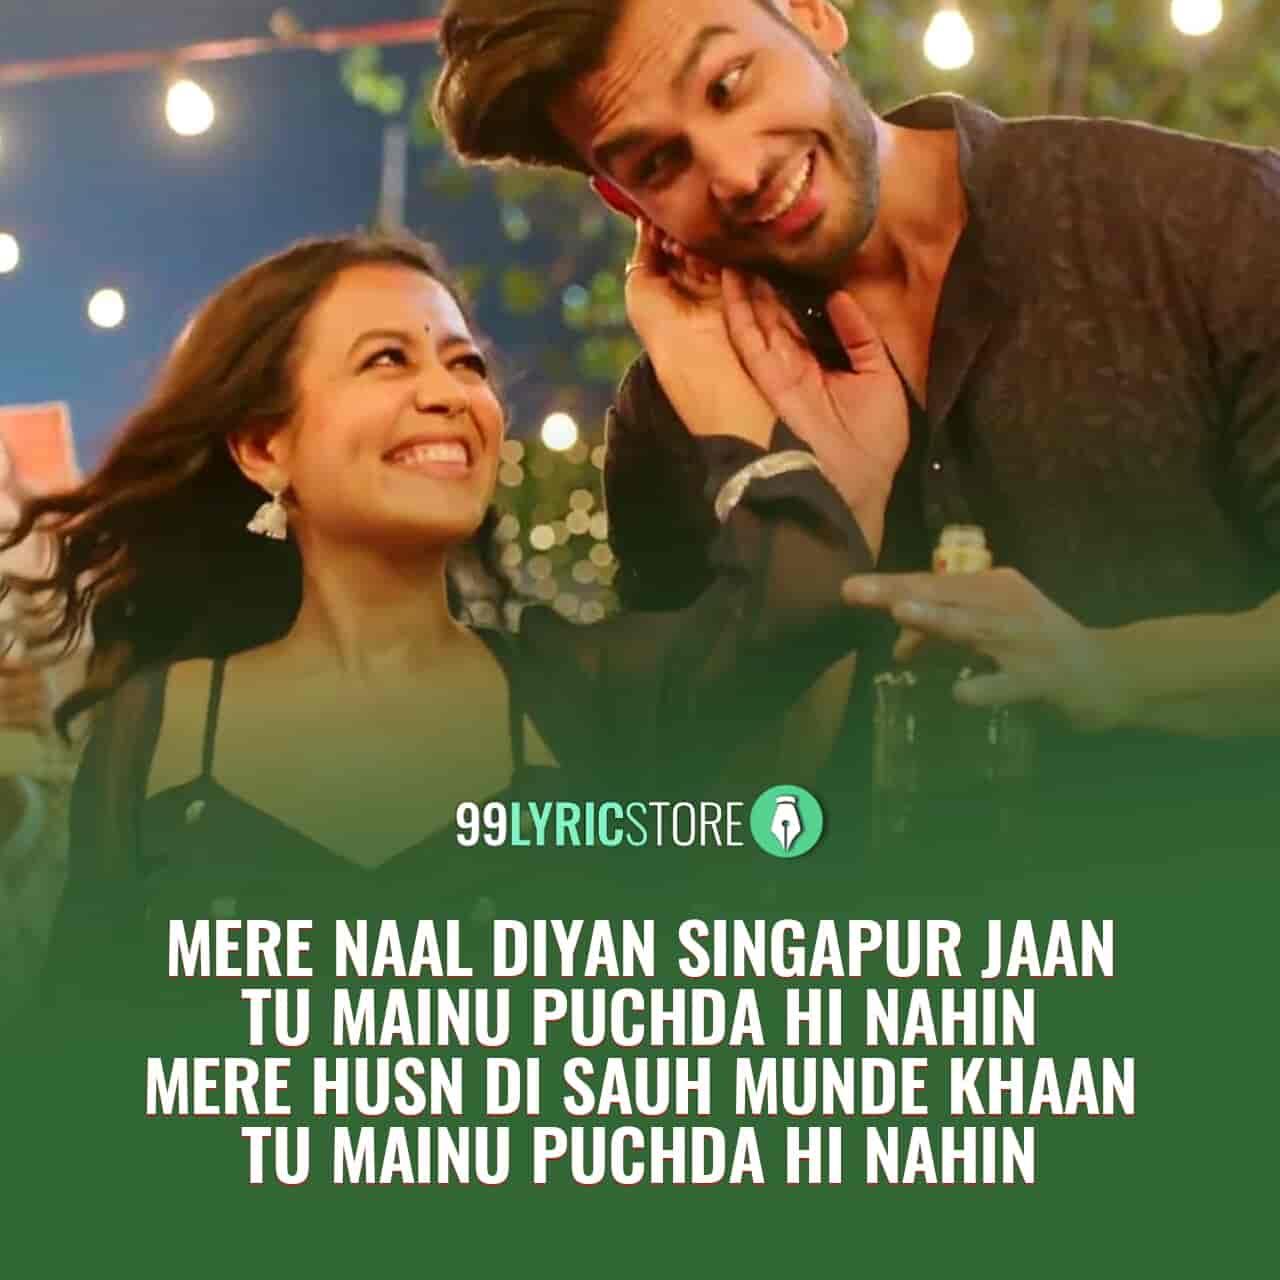 Puchda Hi Nahin Lyrics Images Neha Kakkar